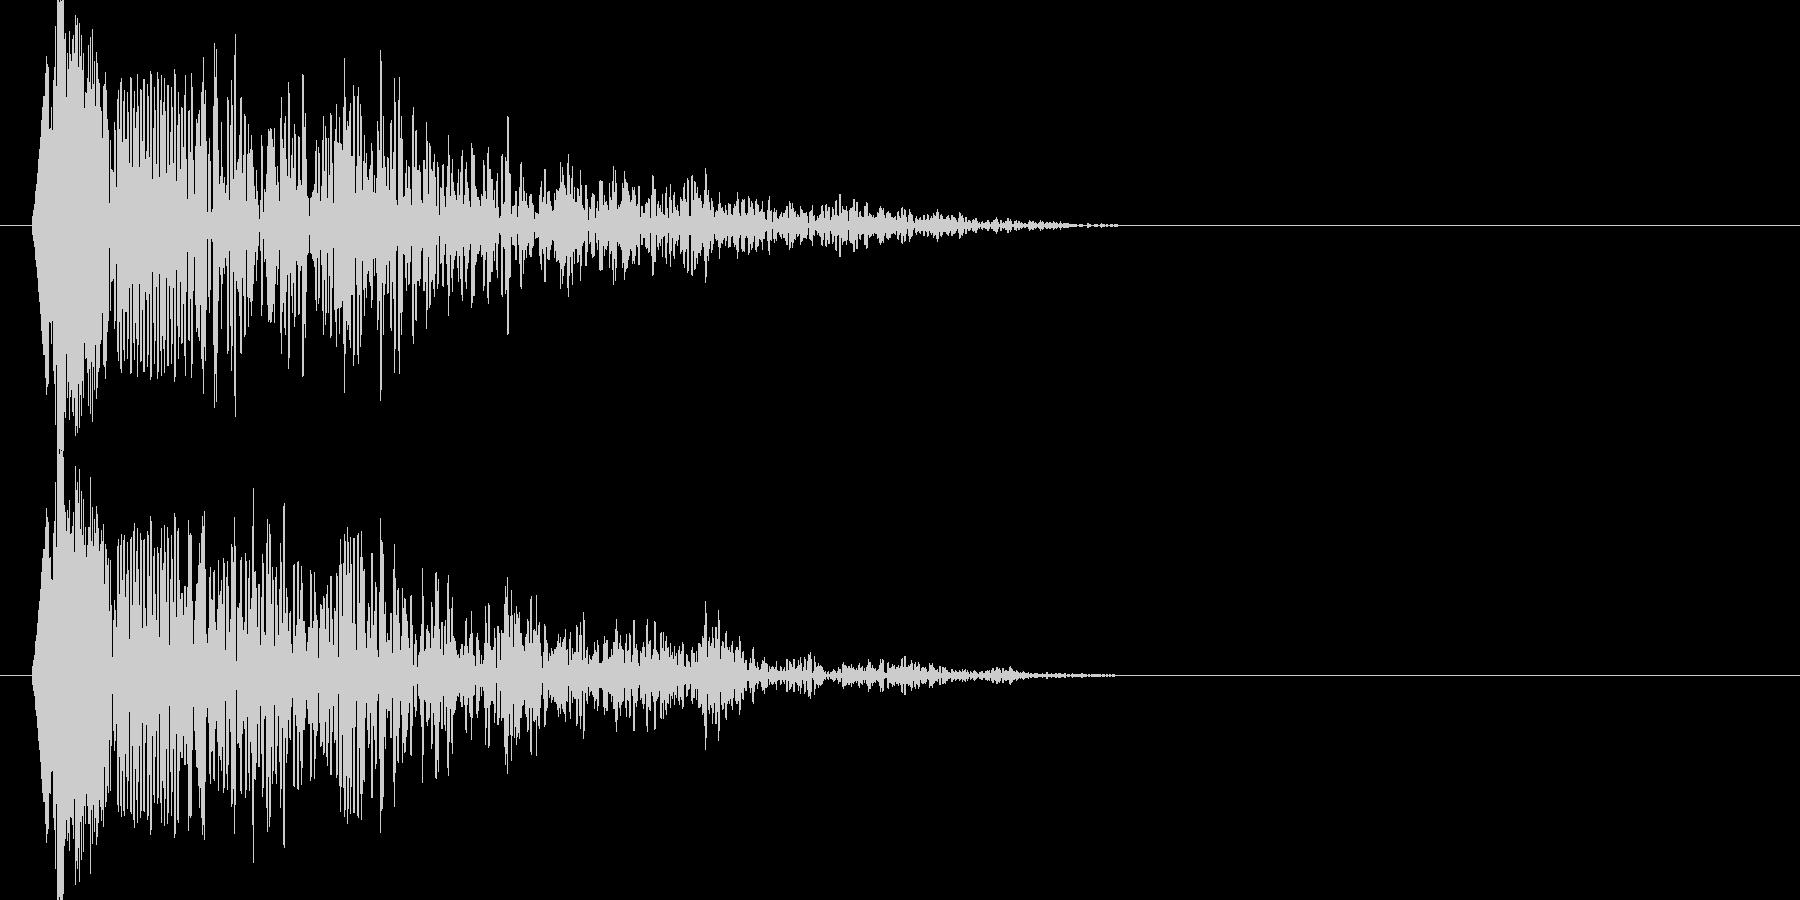 ドウウウーン(衝撃波)の未再生の波形